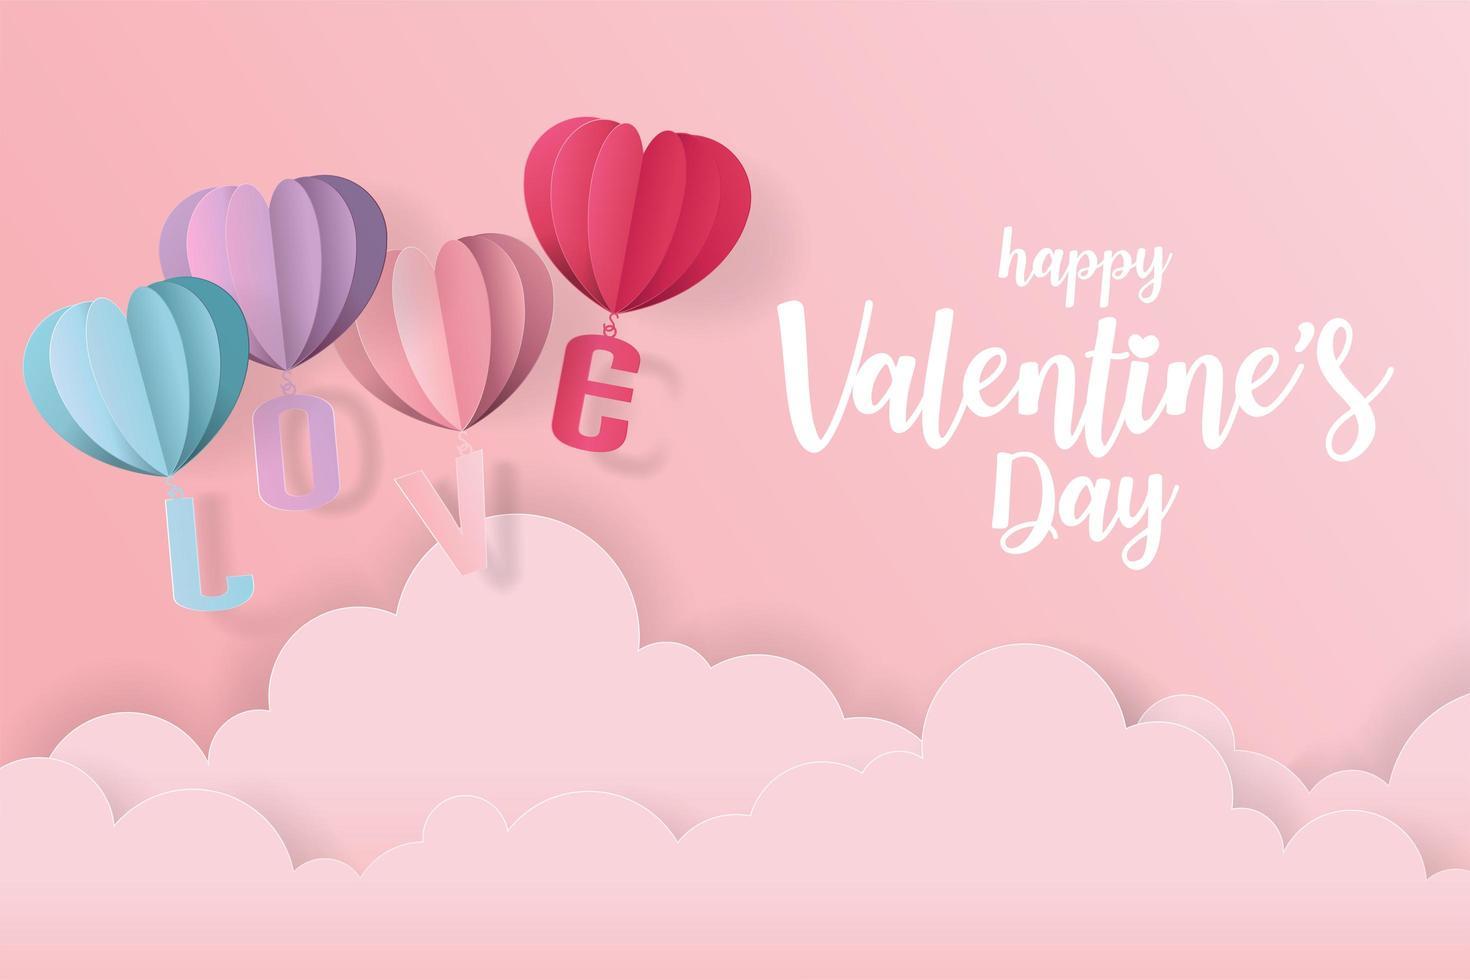 Tarjeta de amor y San Valentín con globos de corazón y nubes en papel cortado estilo vector